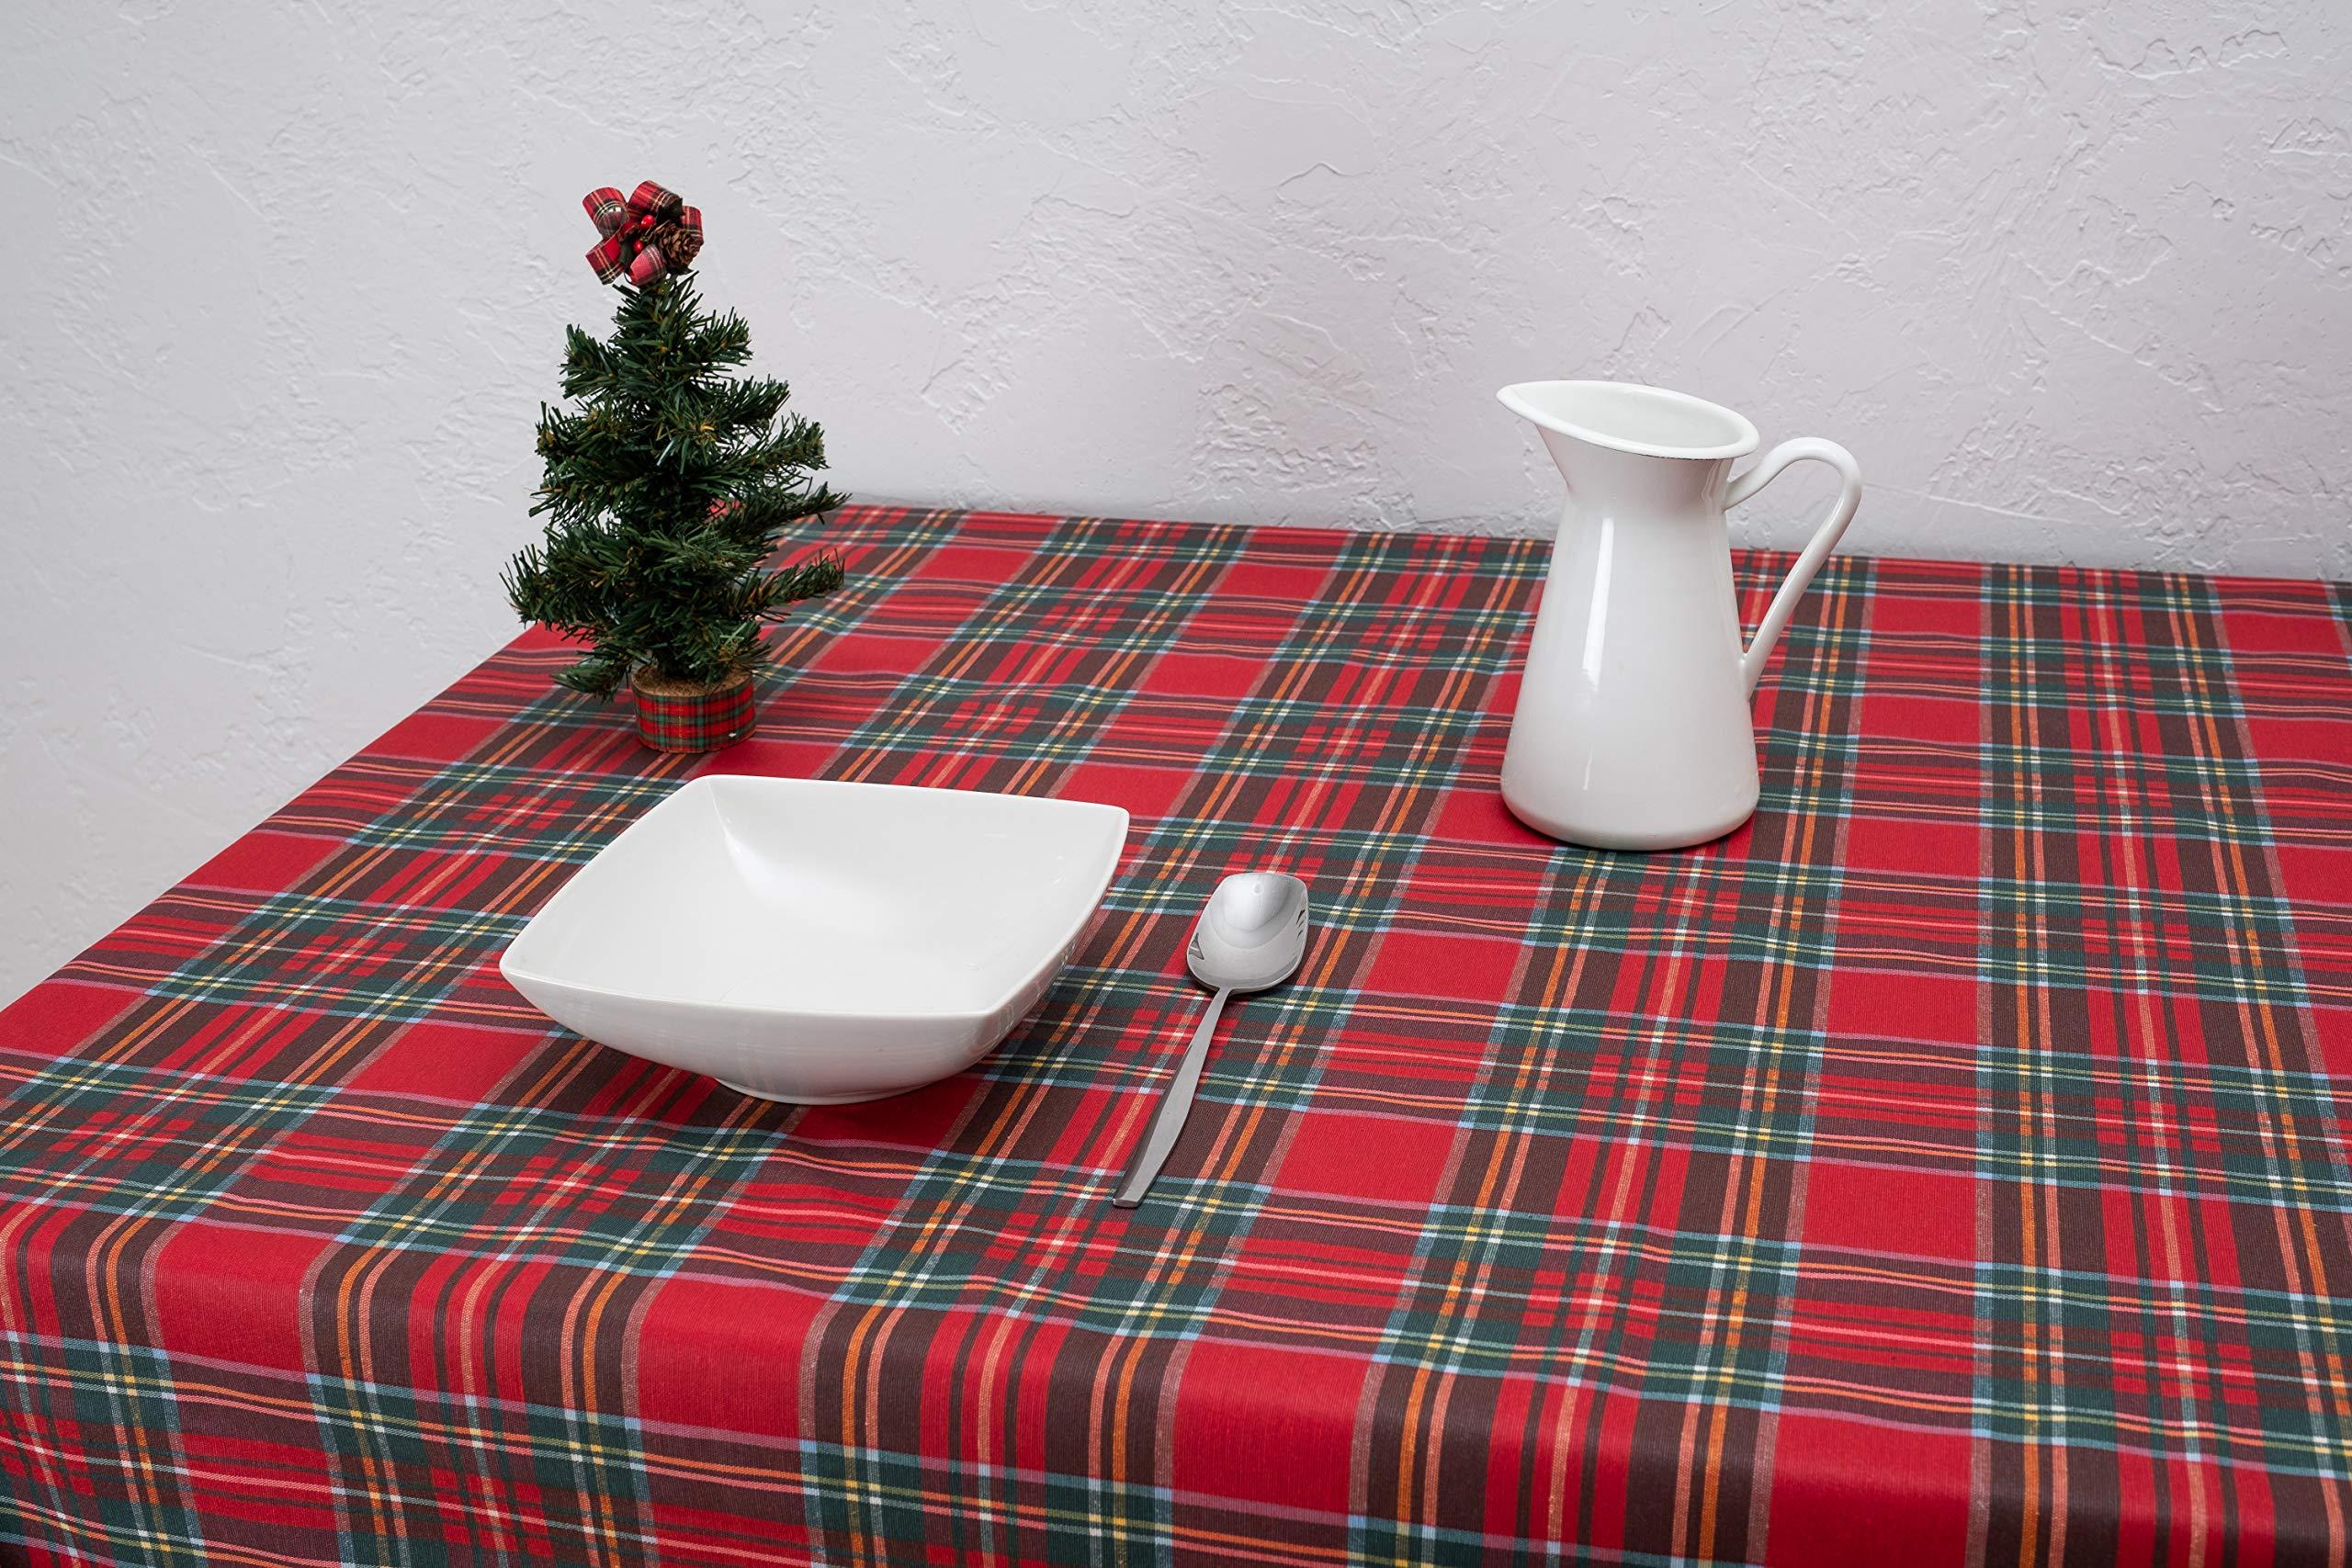 Boheme Snow Mantel Navidad, ALGODÓN /50% POLIÉSTER, Rojo, 140 X 350: Amazon.es: Hogar